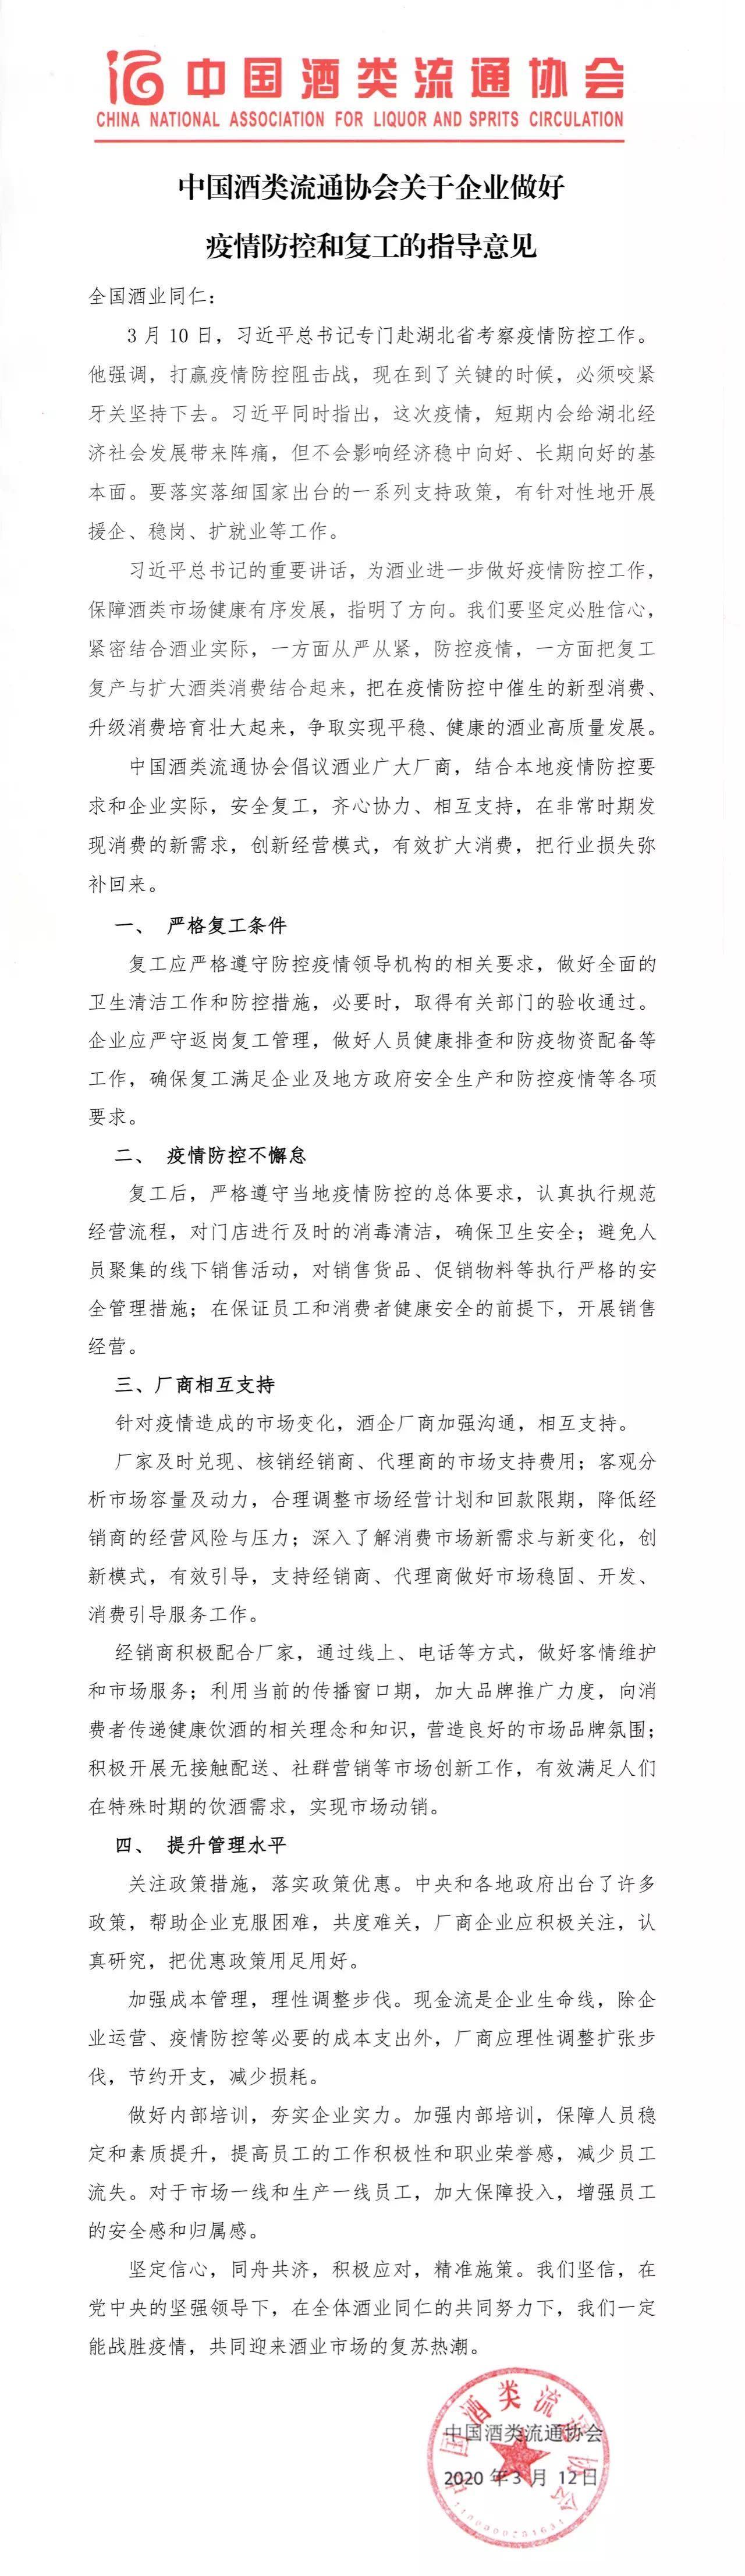 图/中国酒类流通协会官微截图